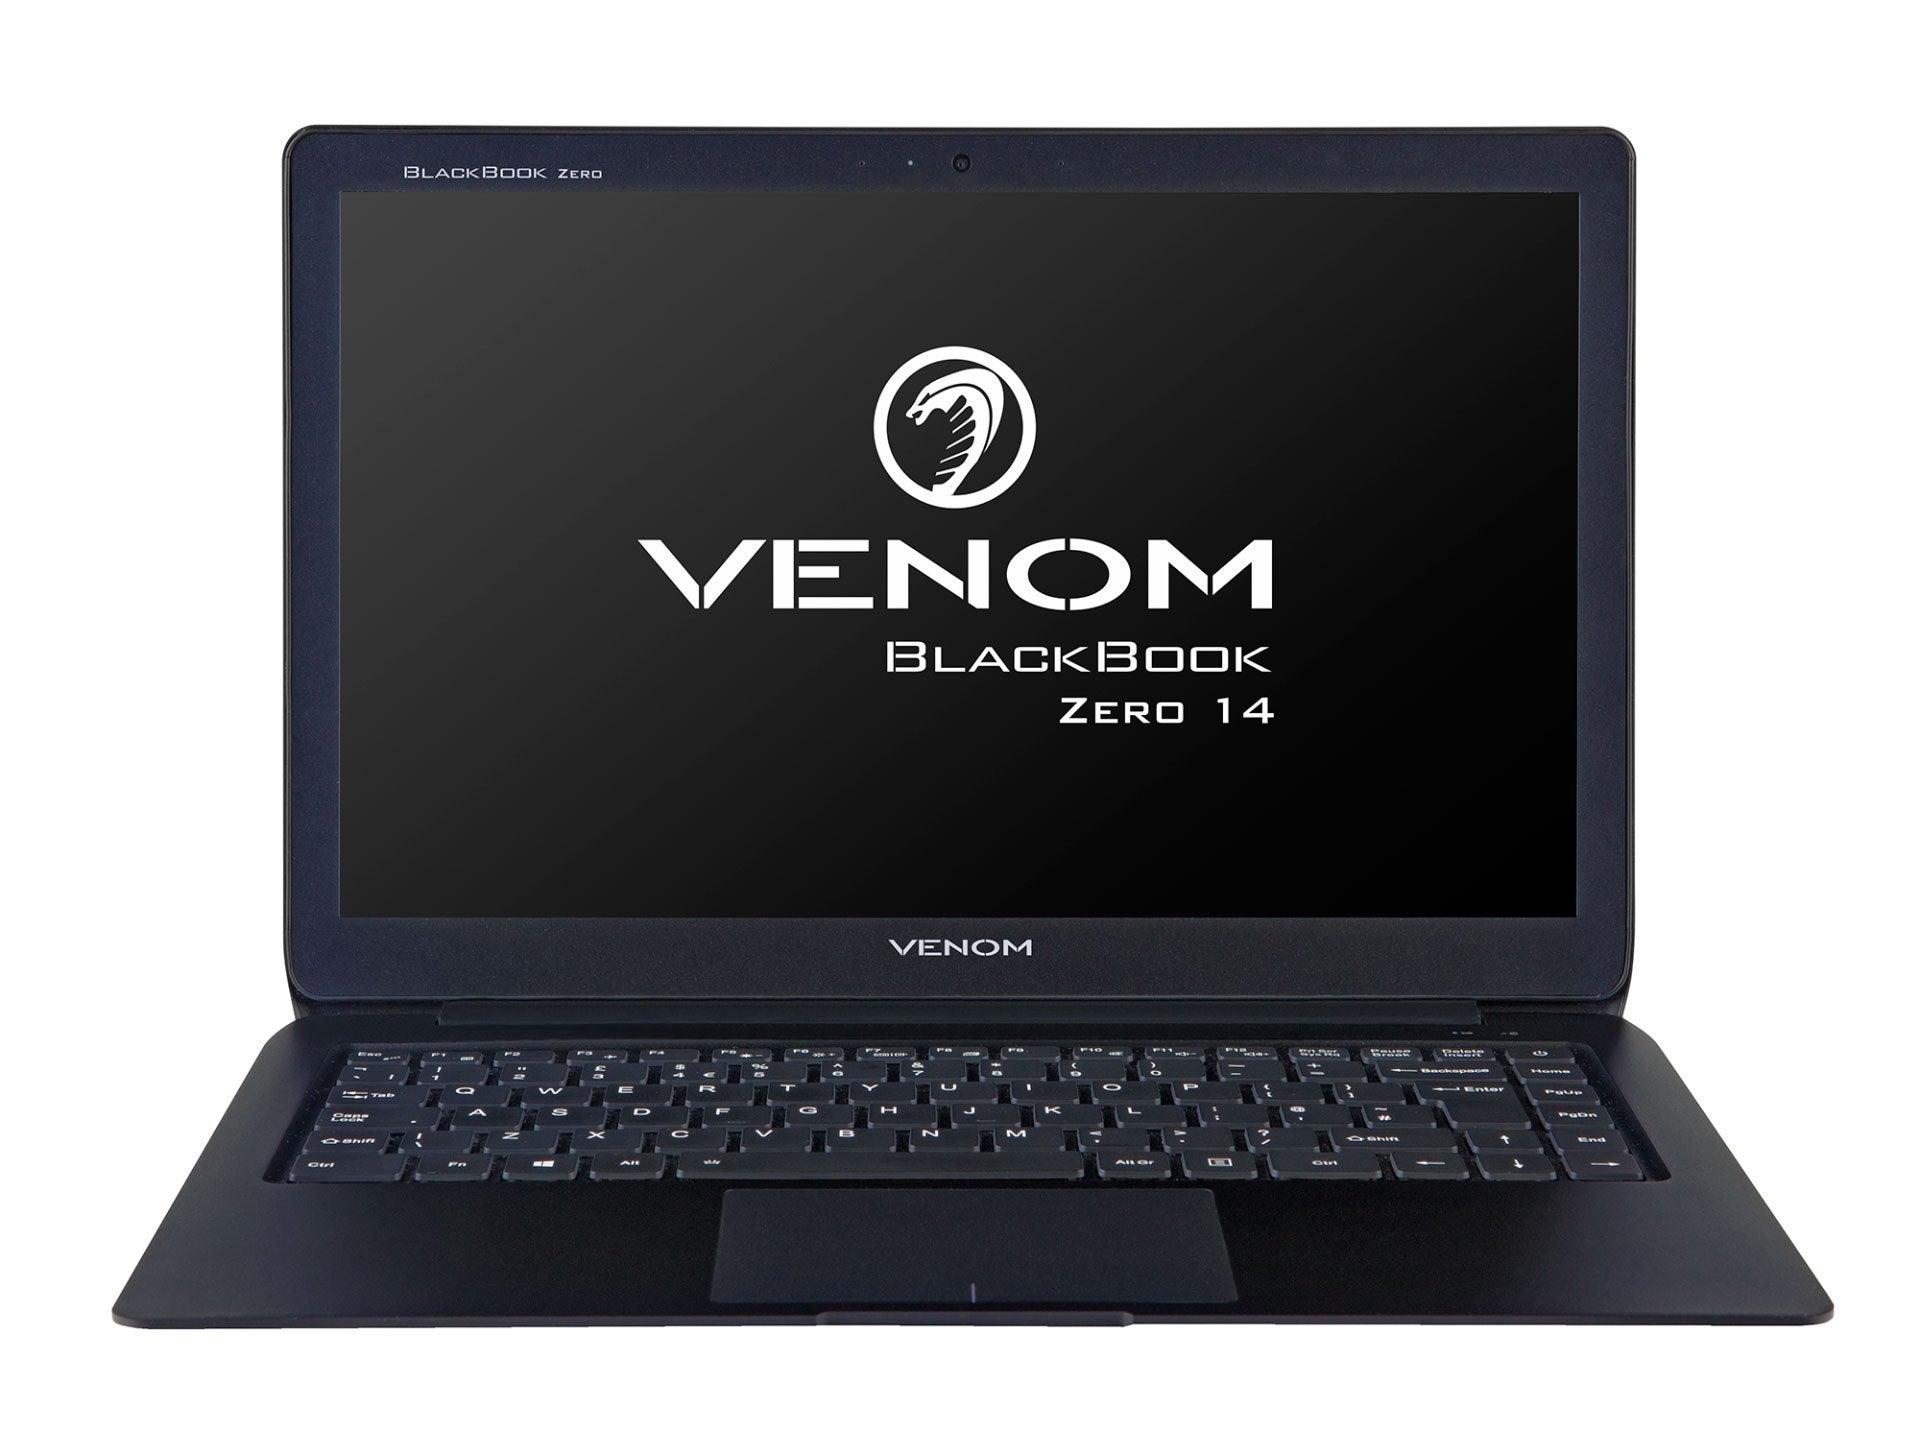 Venom Blackbook Flip Mini 11 inch Laptop